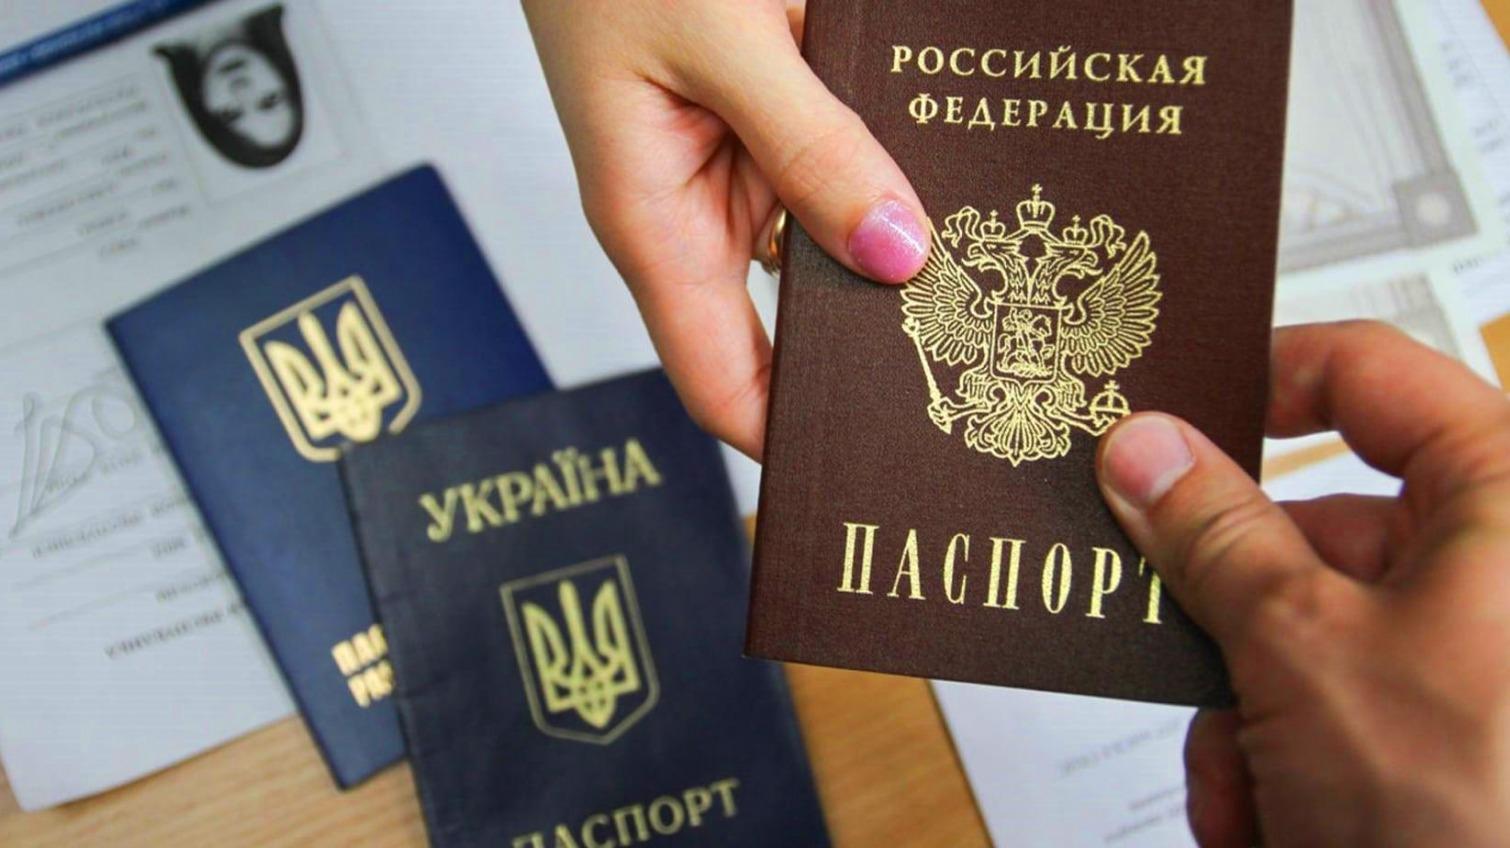 Жителей Донбасса, получивших паспорта РФ, будут использовать для фальсификации выборов «фото»